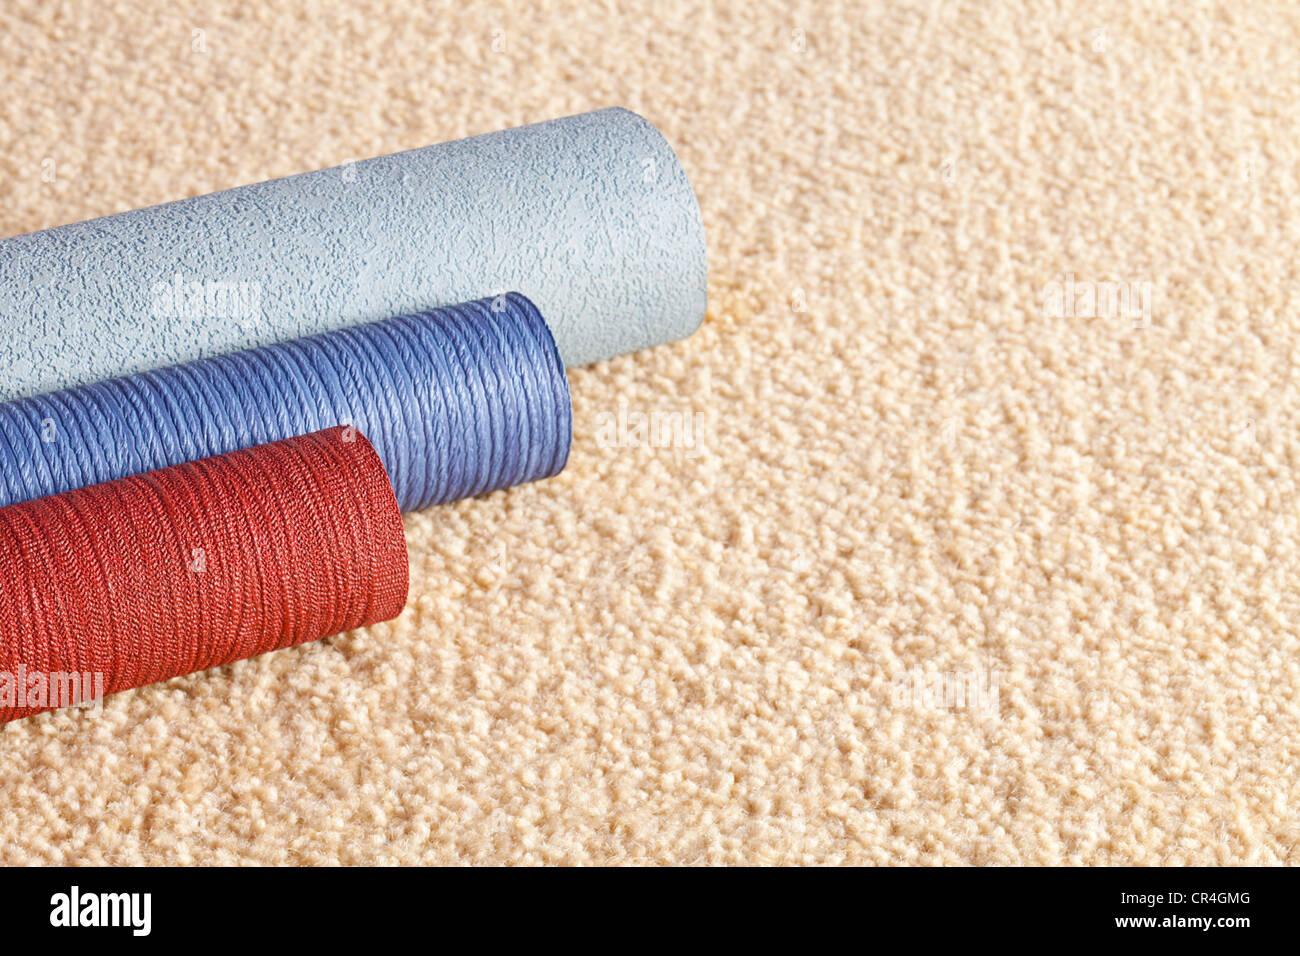 Tapetenrollen Probe auf einem hellen farbigen Teppich mit Textfreiraum. Stockbild